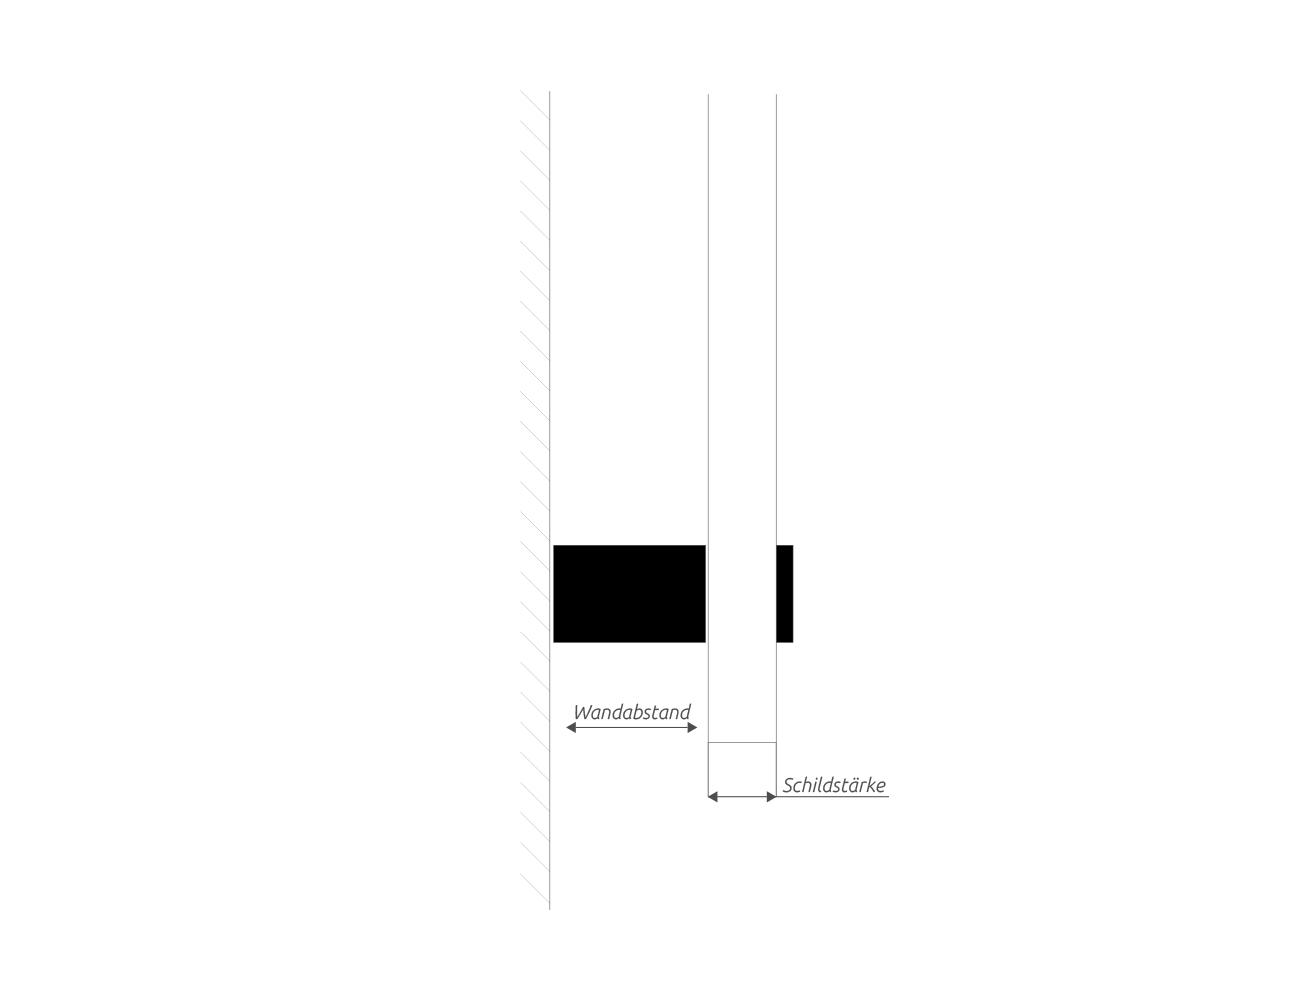 Bemaßung Wandhalter wq15.15, wq25.25